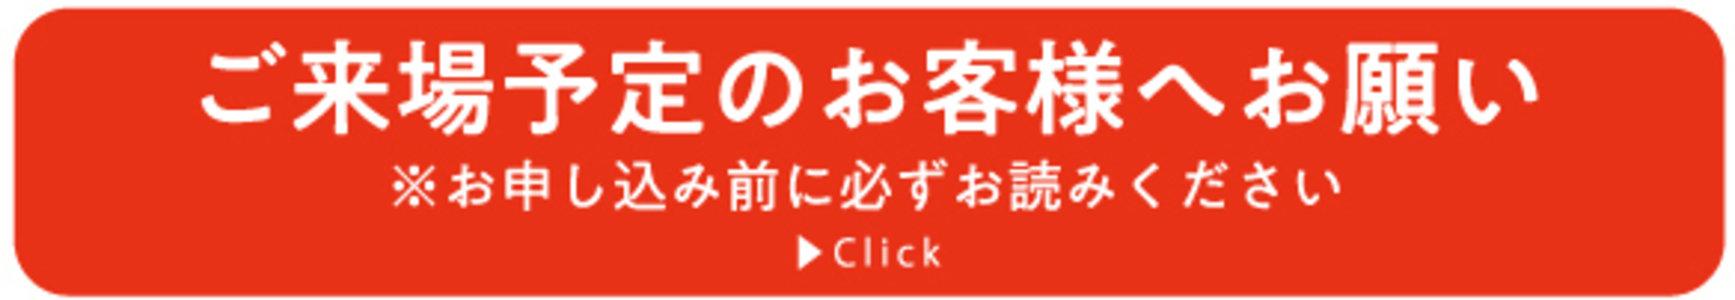 【再振替】「LAWSON presents 夏川椎菜 Zepp Live Tour 2020-2021 Pre-2nd」福岡公演 2回目